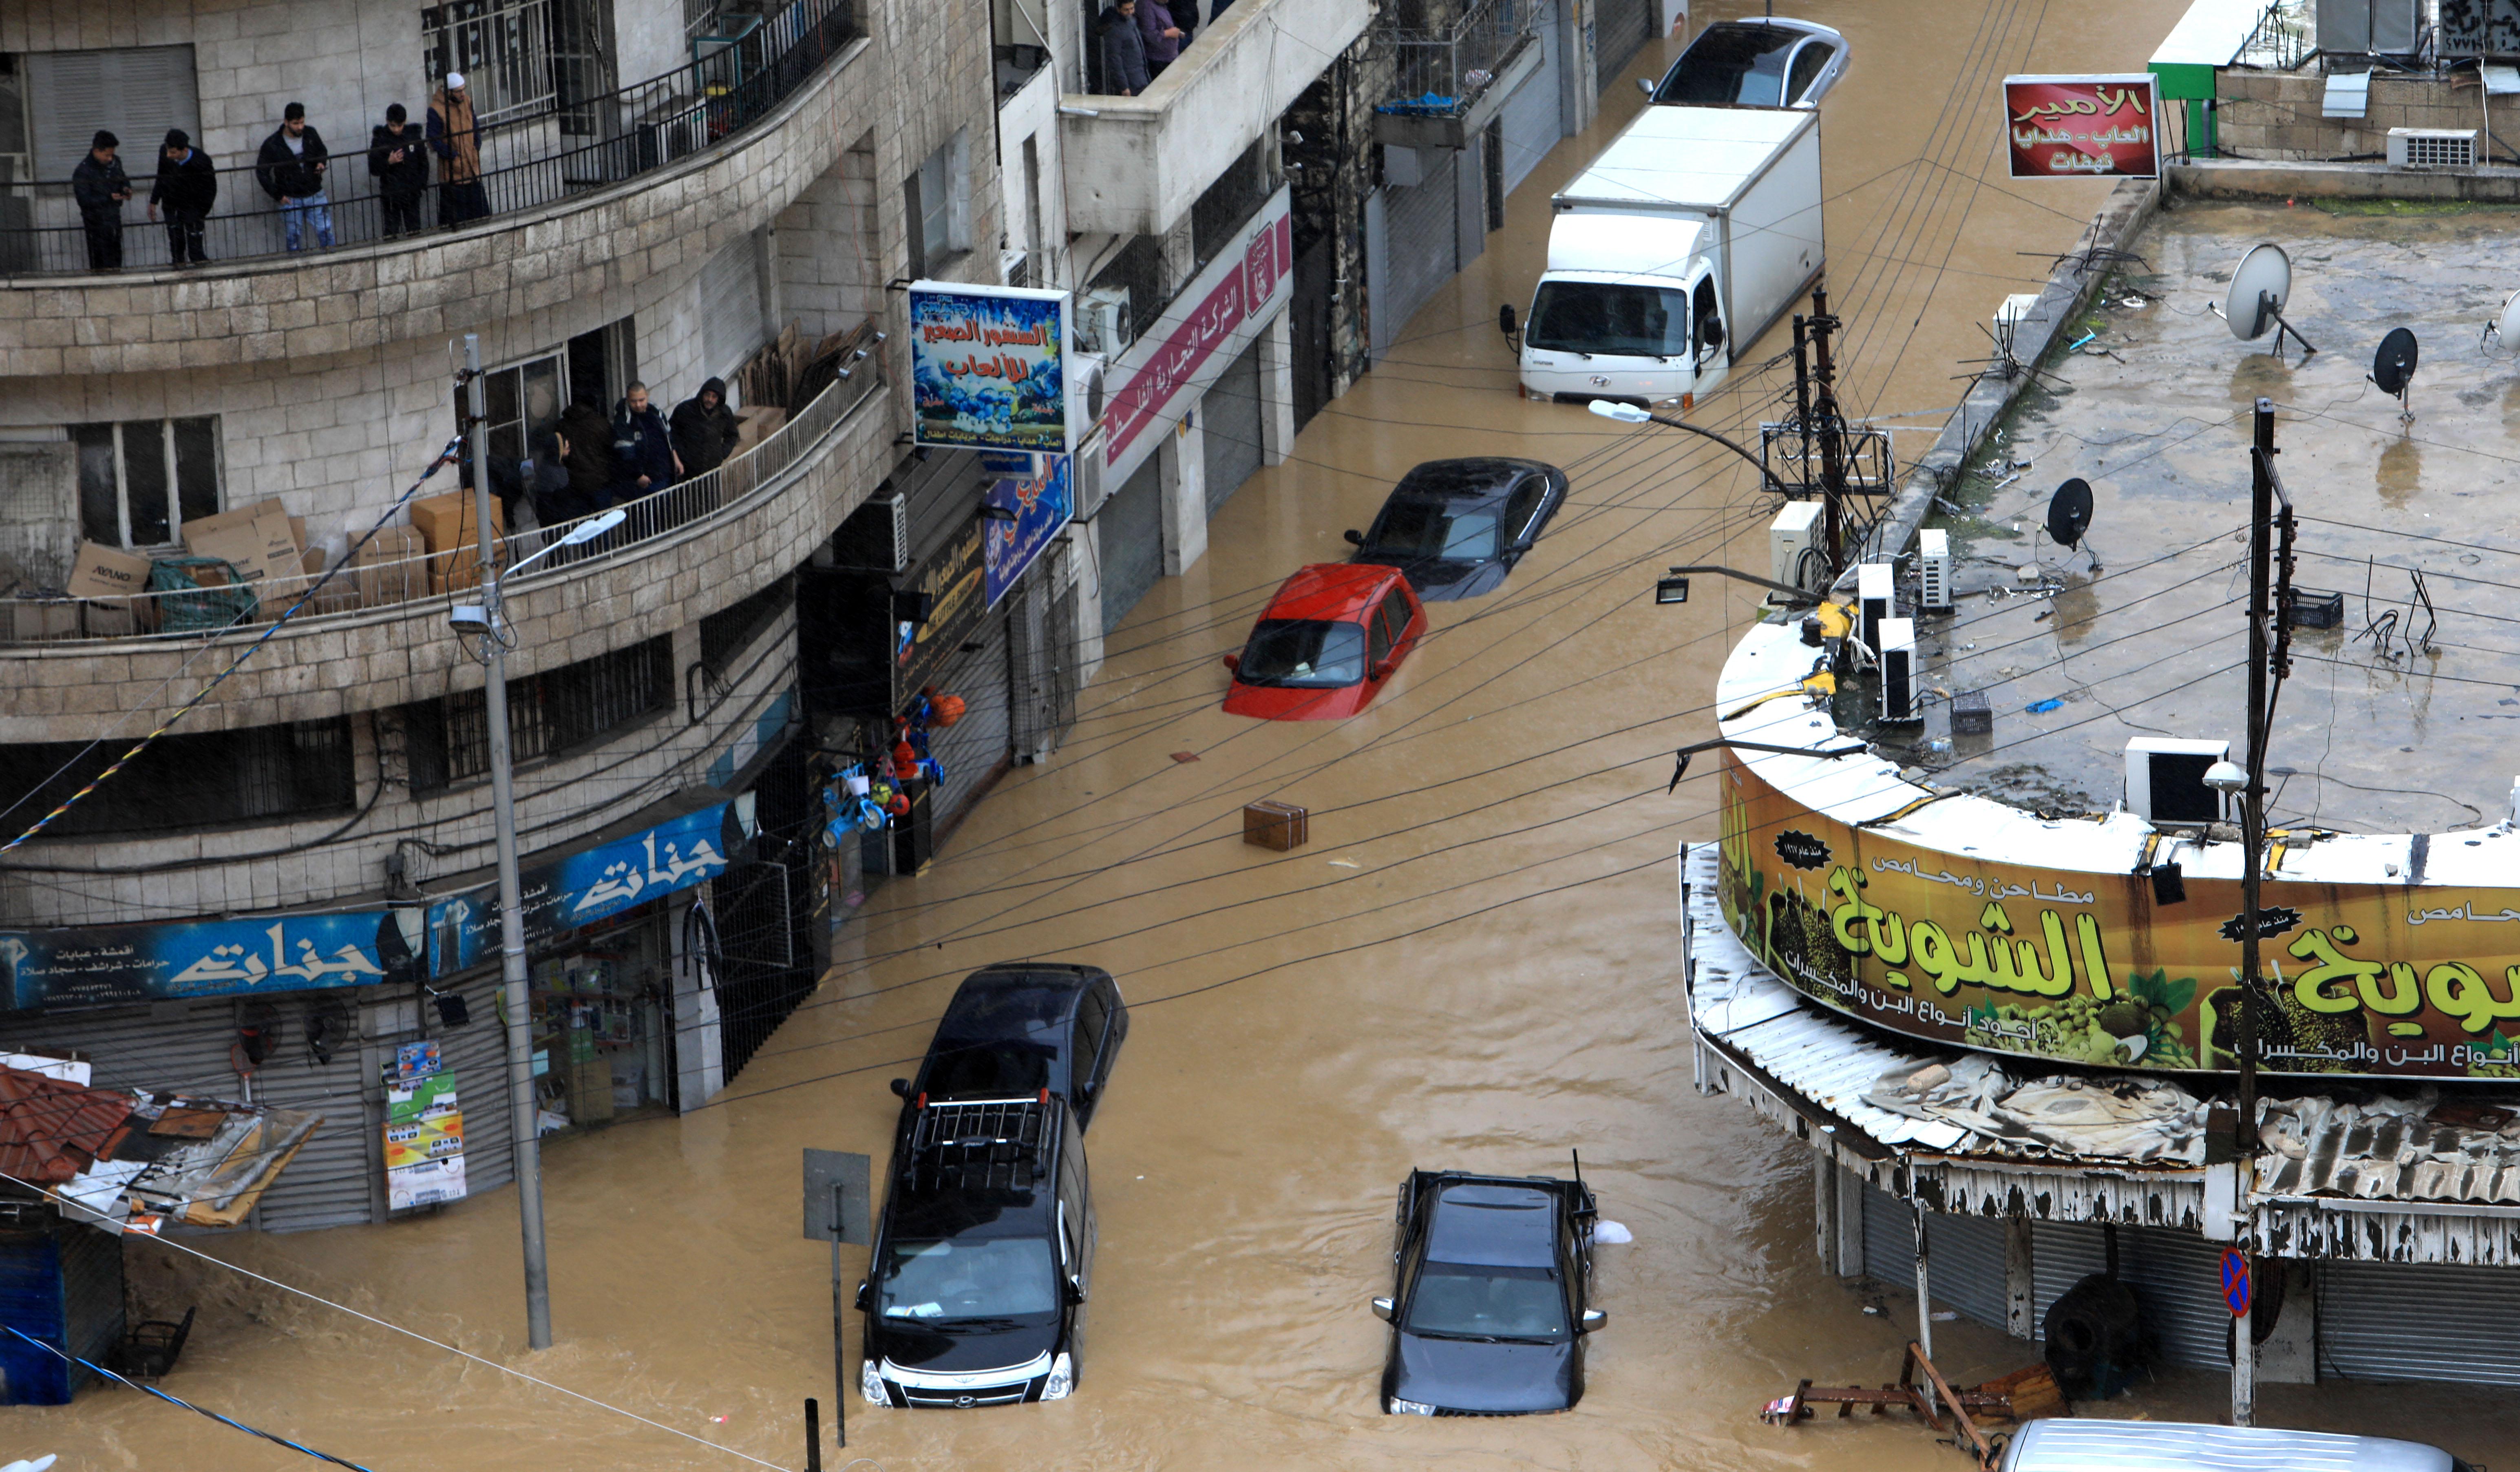 جانب من الفيضانات في وسط البلد خلال المنخفض الماضي- (تصوير: محمد مغاضة)